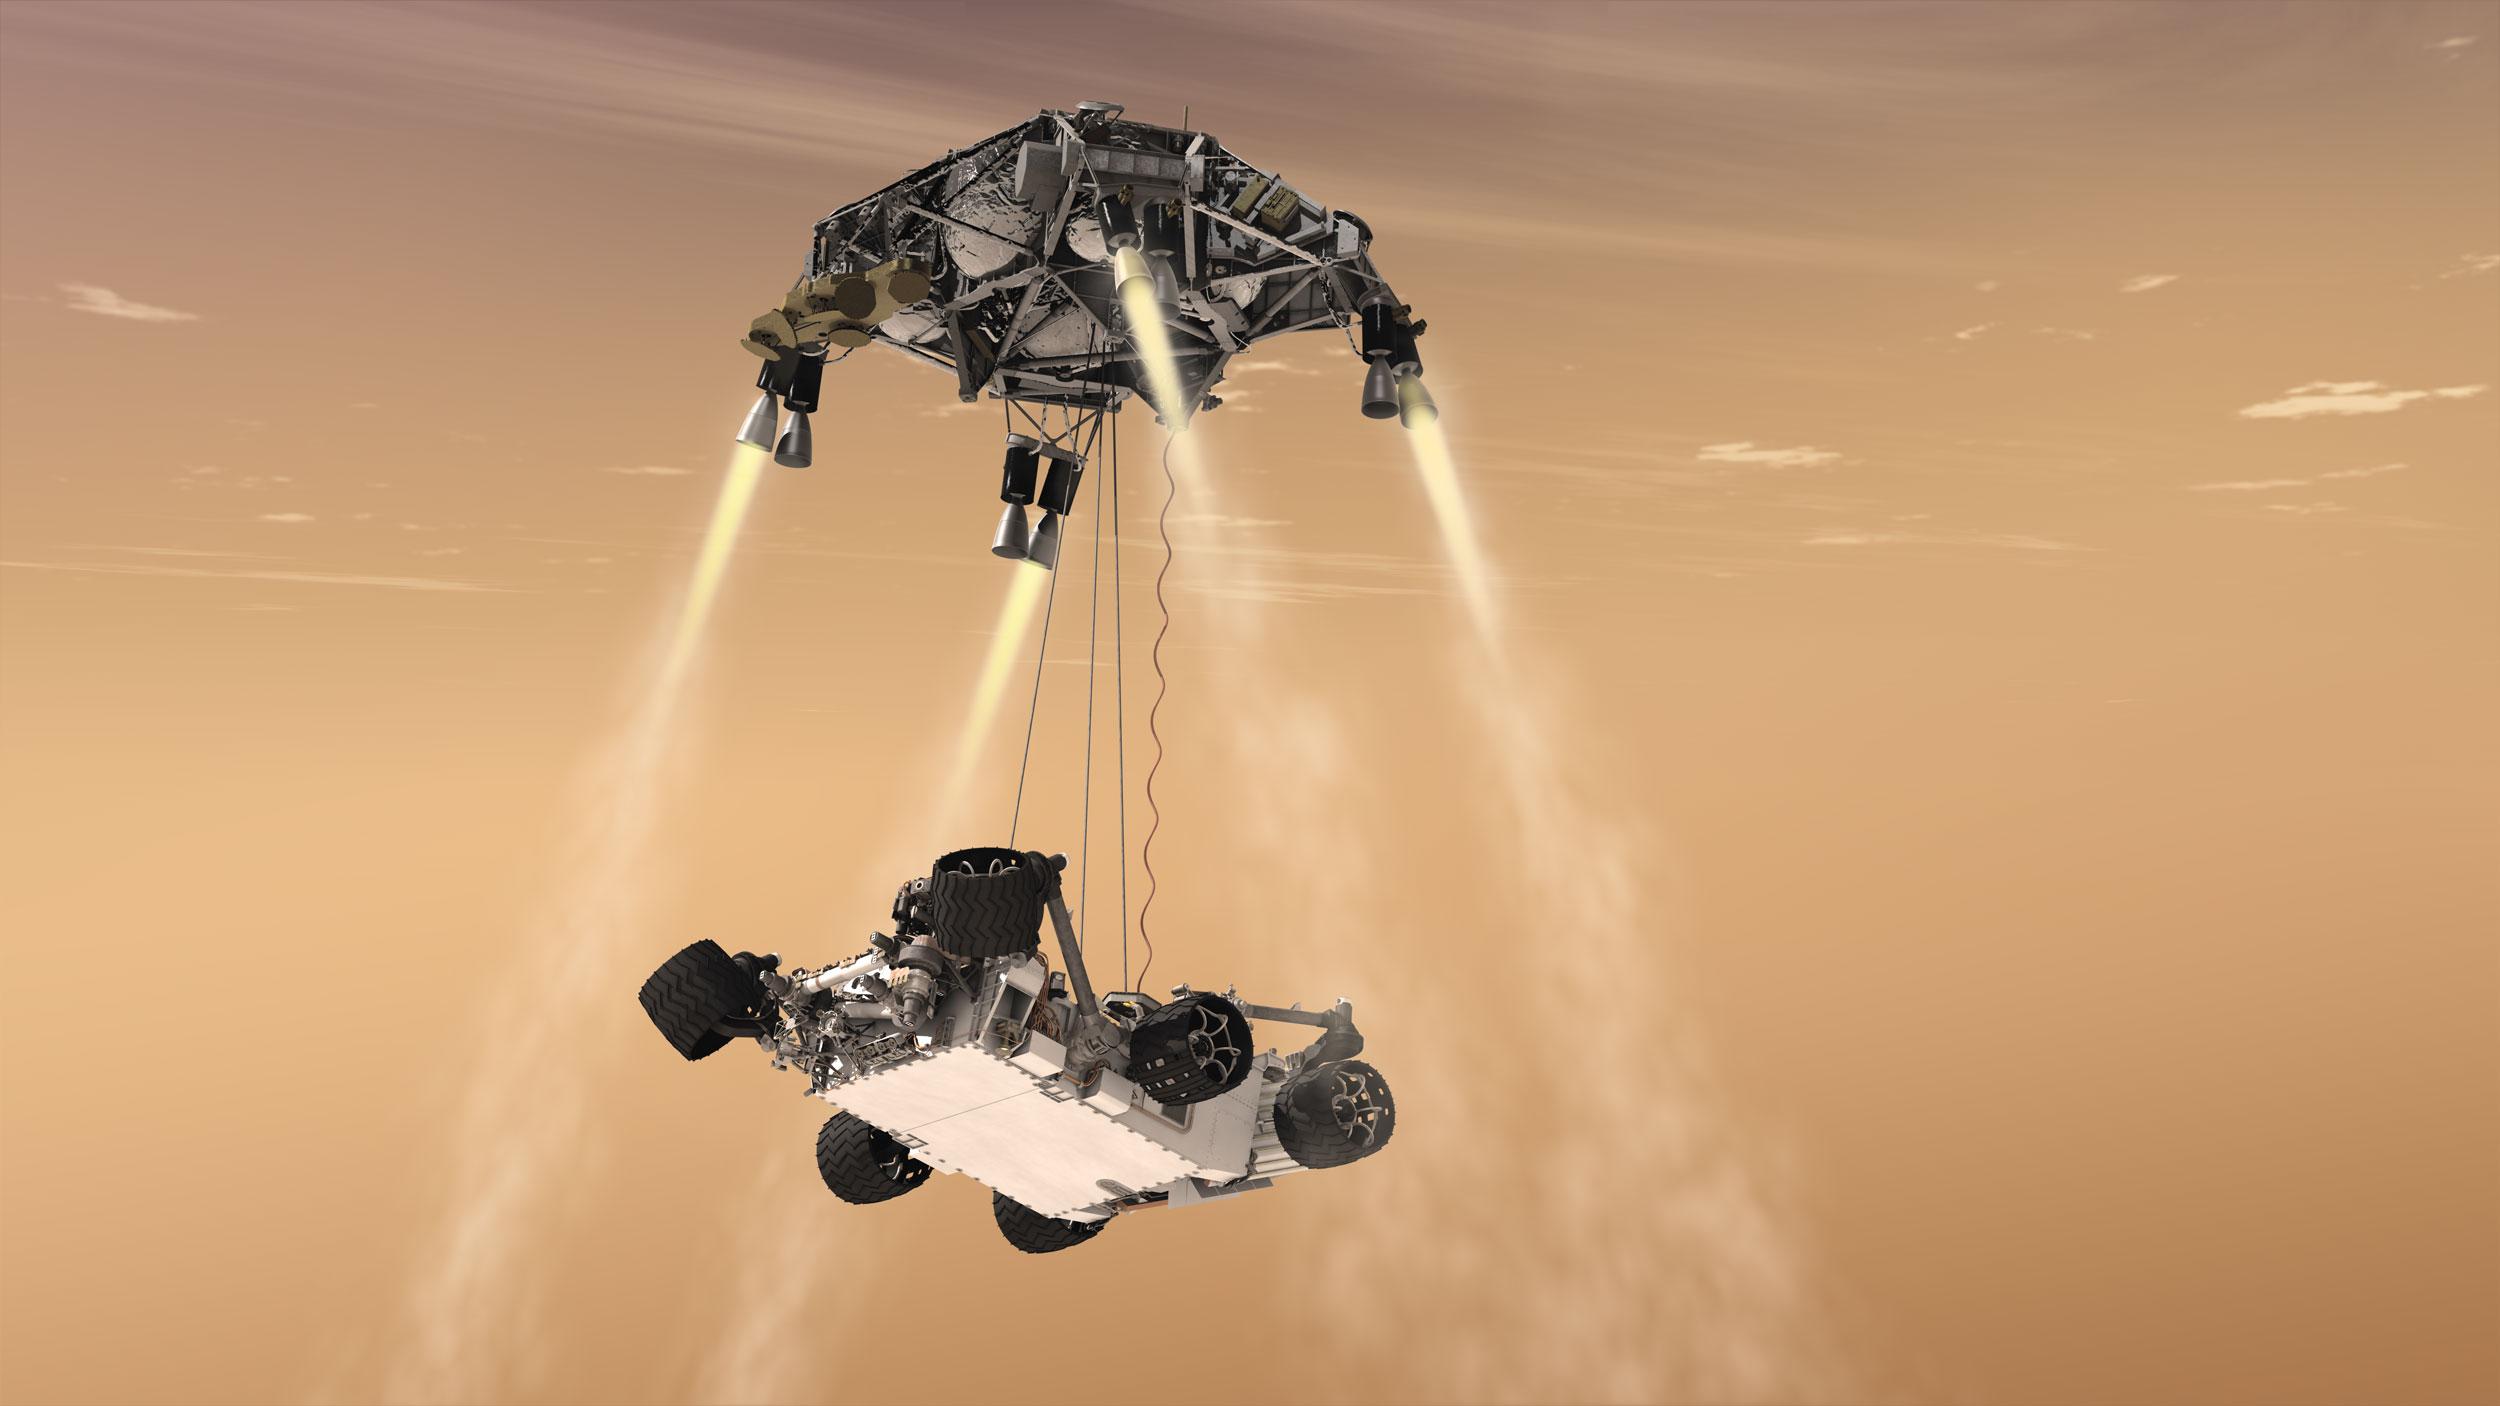 nasa mars rover mission - photo #7